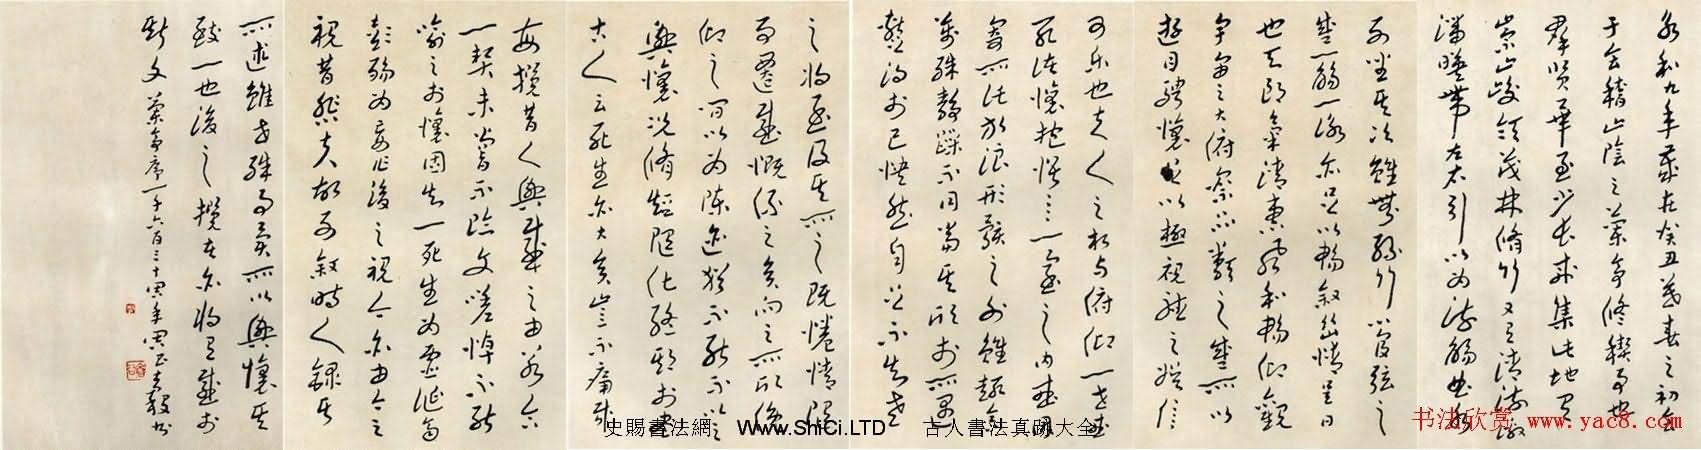 周昌谷書法草書作品真跡《蘭亭序》(共4張圖片)